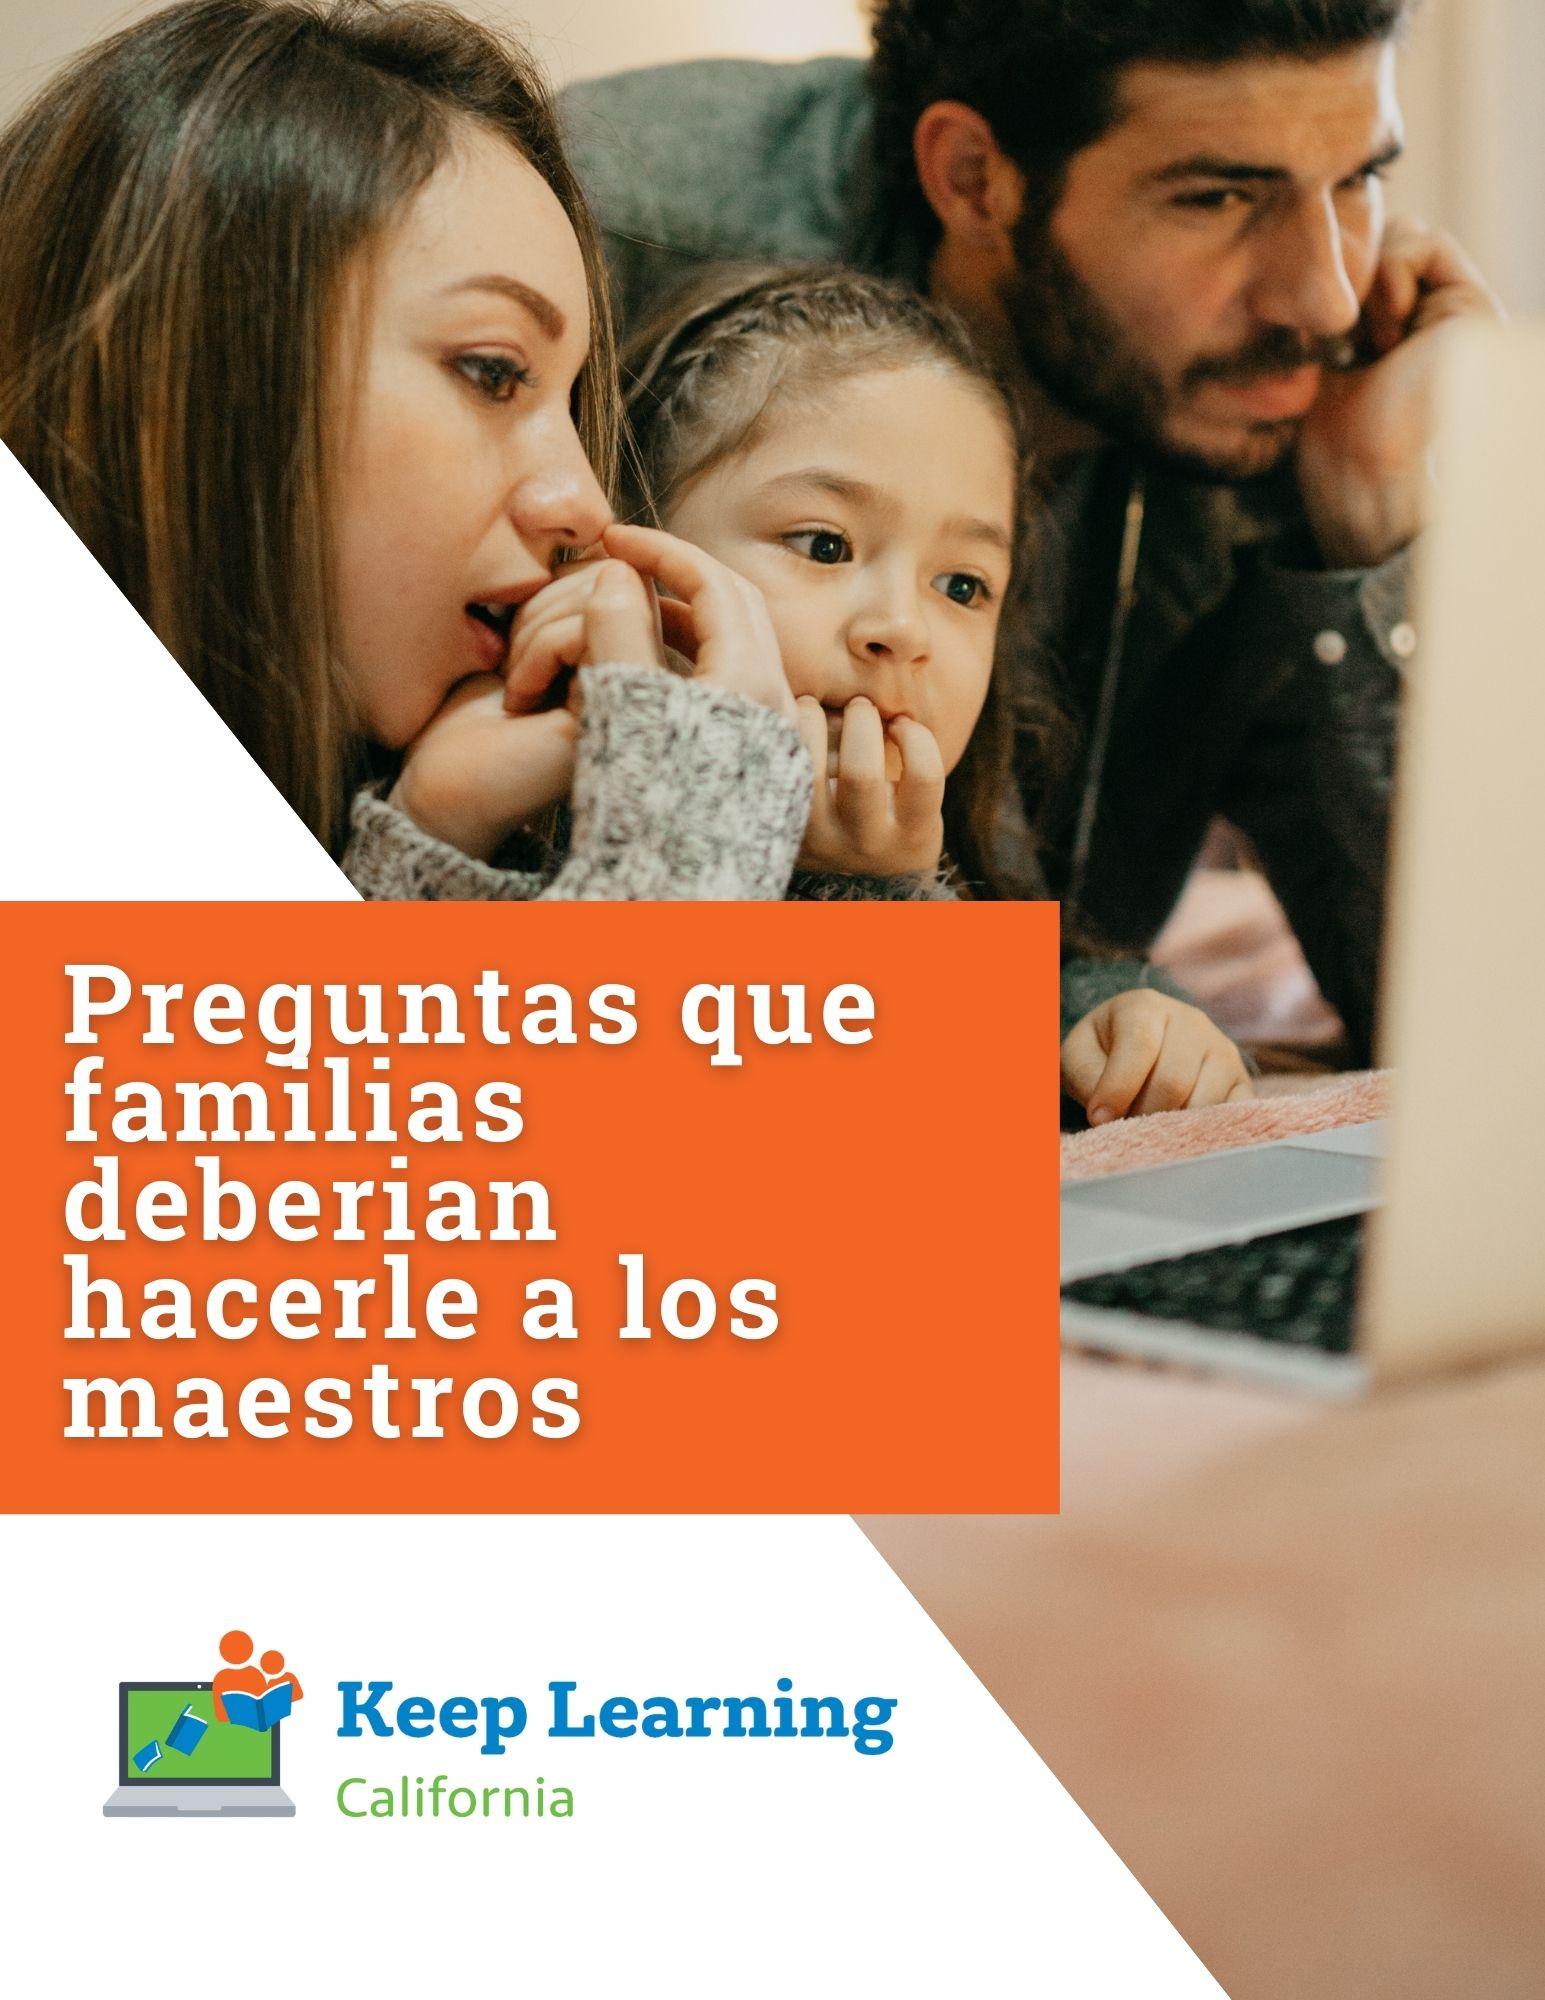 PDF – Preguntas que familias deberian hacerle a los maestros